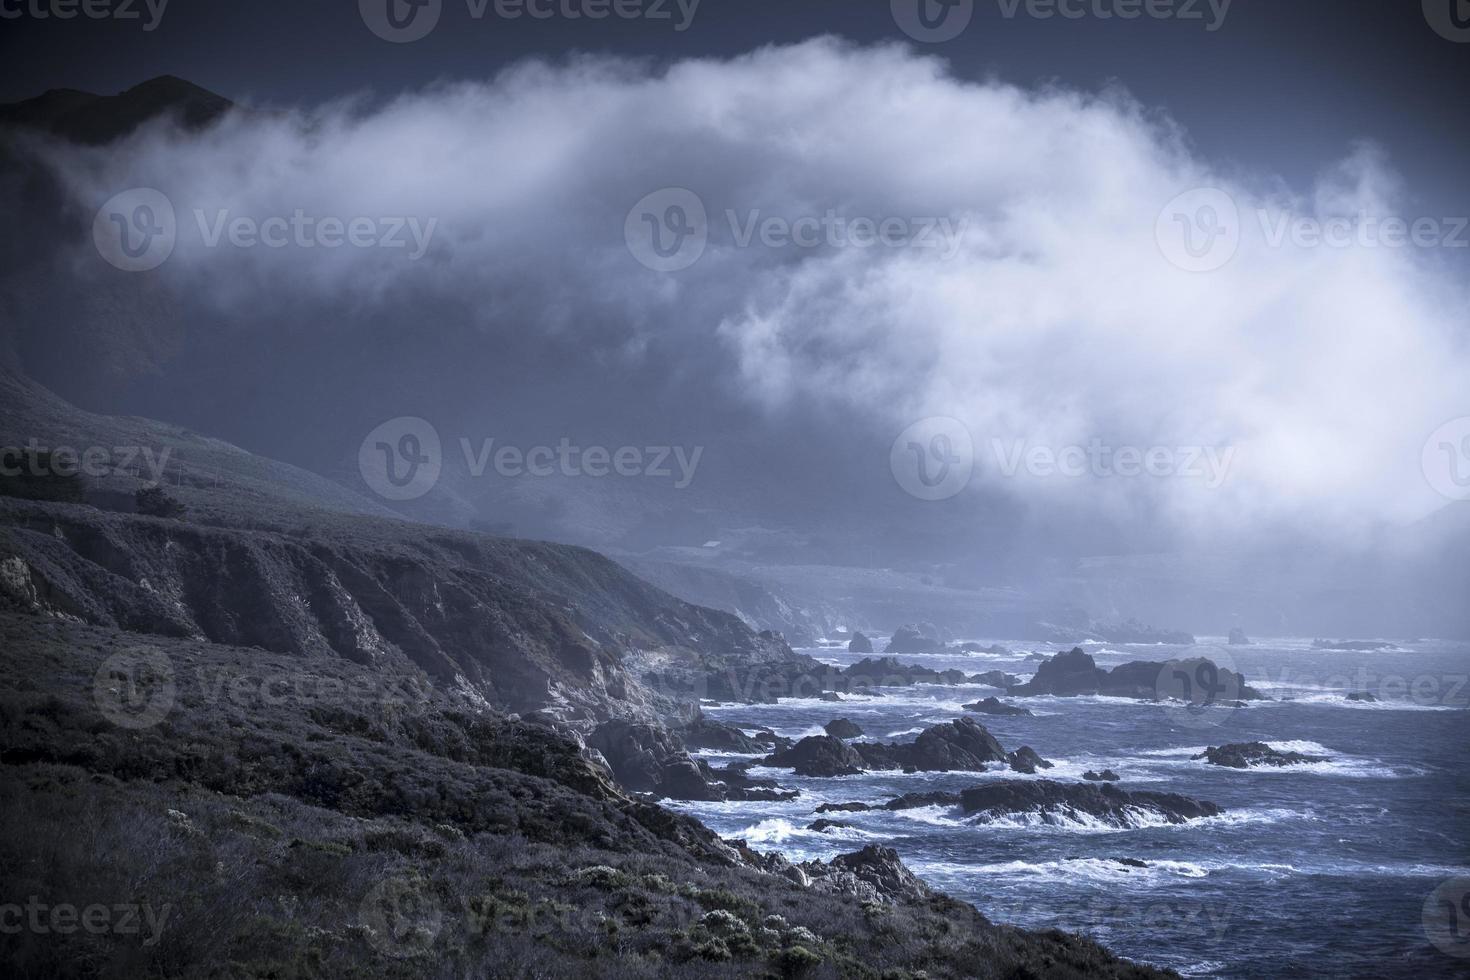 stati uniti d'america, california, big sur, costa e mare foto